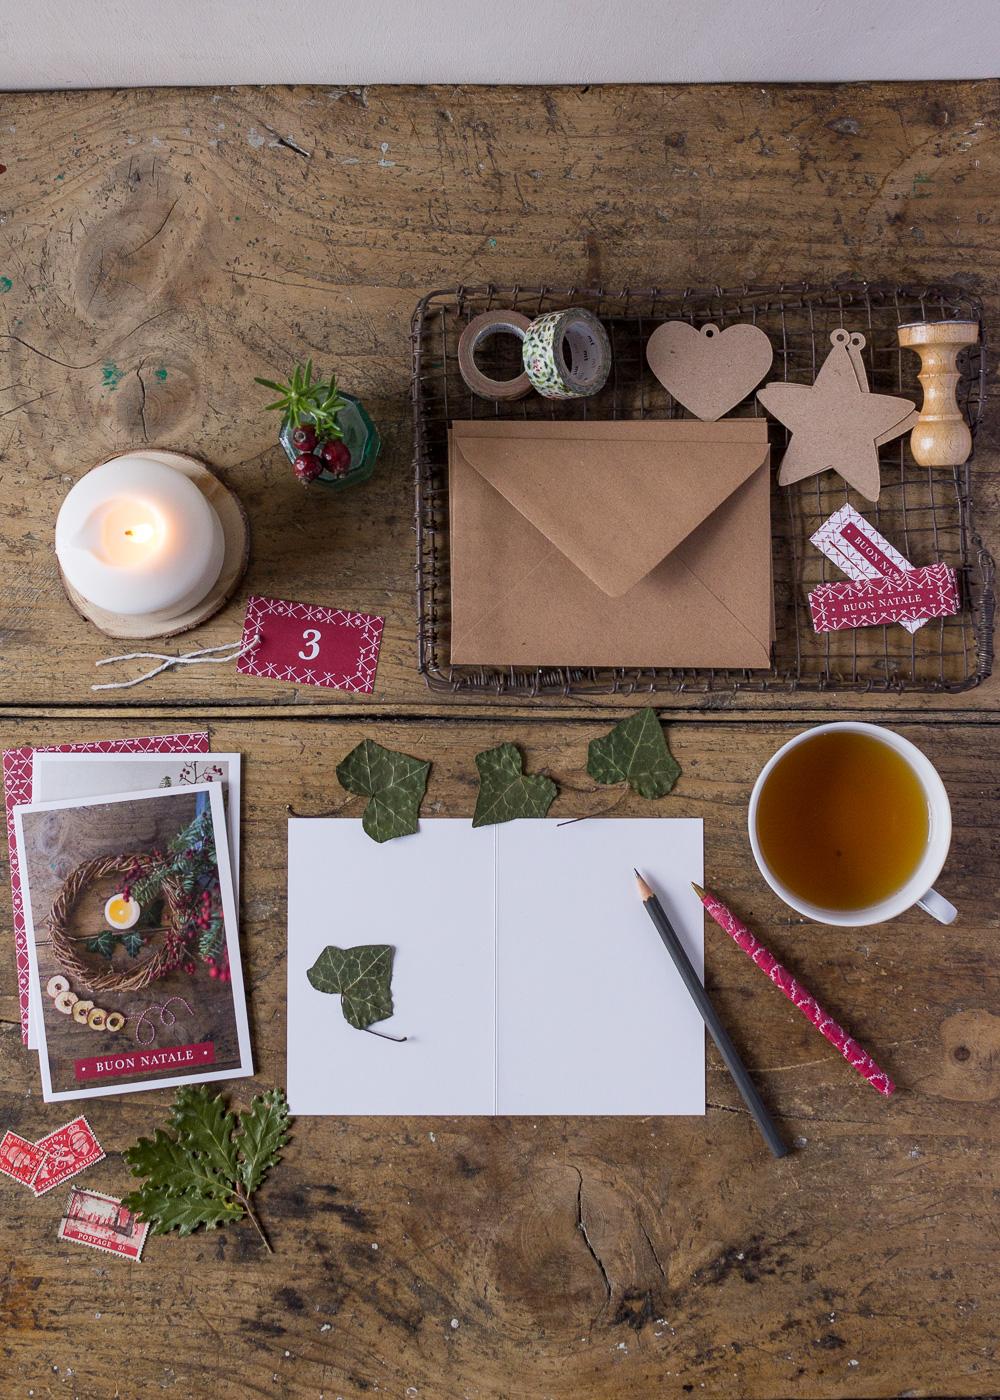 Calendario dell'Avvento - Scrivere i biglietti d'auguri di Natale - Un Natale di tradizioni - Lily&SageDesign